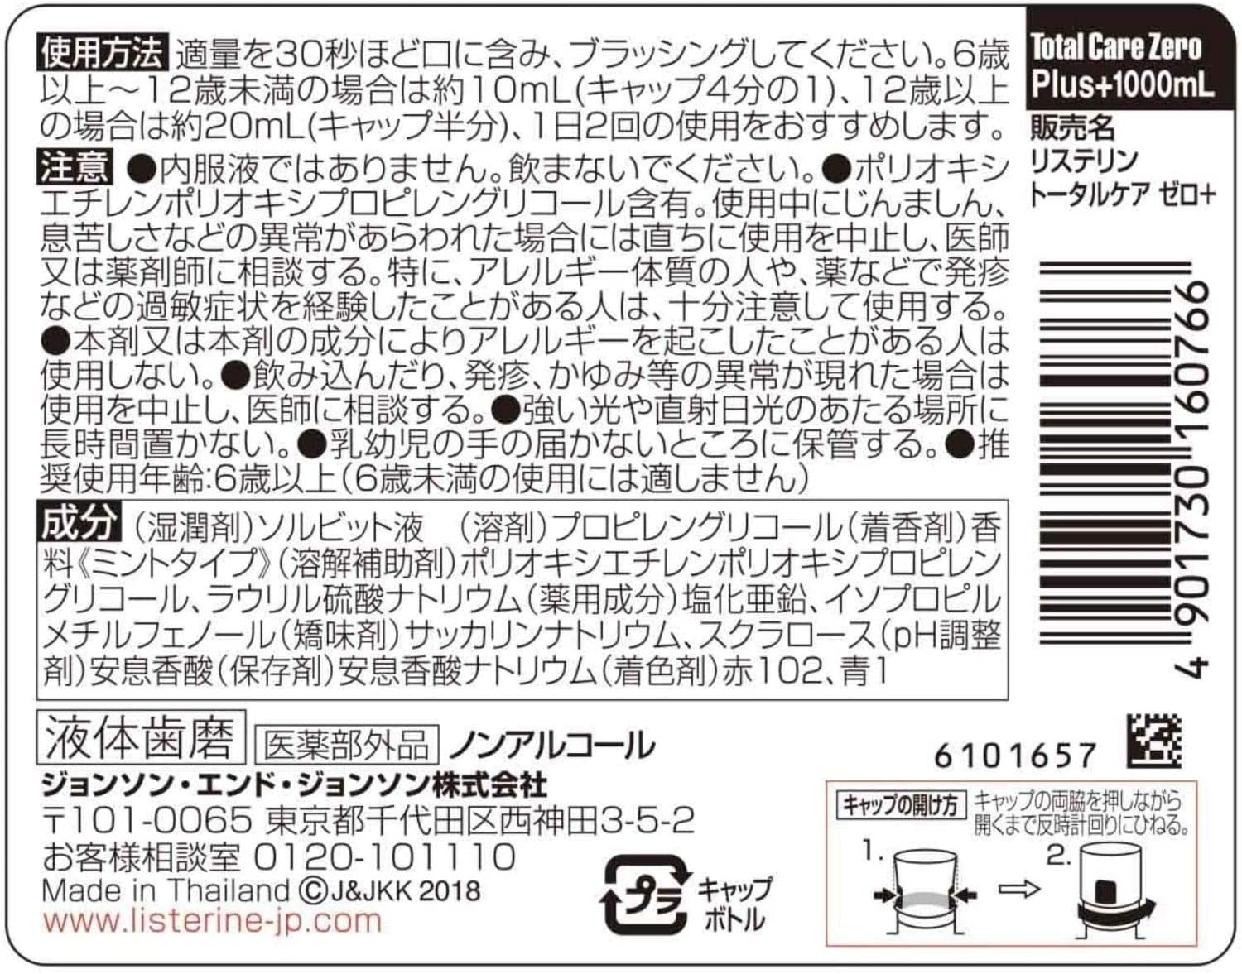 LISTERINE(リステリン) トータルケアゼロ プラスの商品画像8